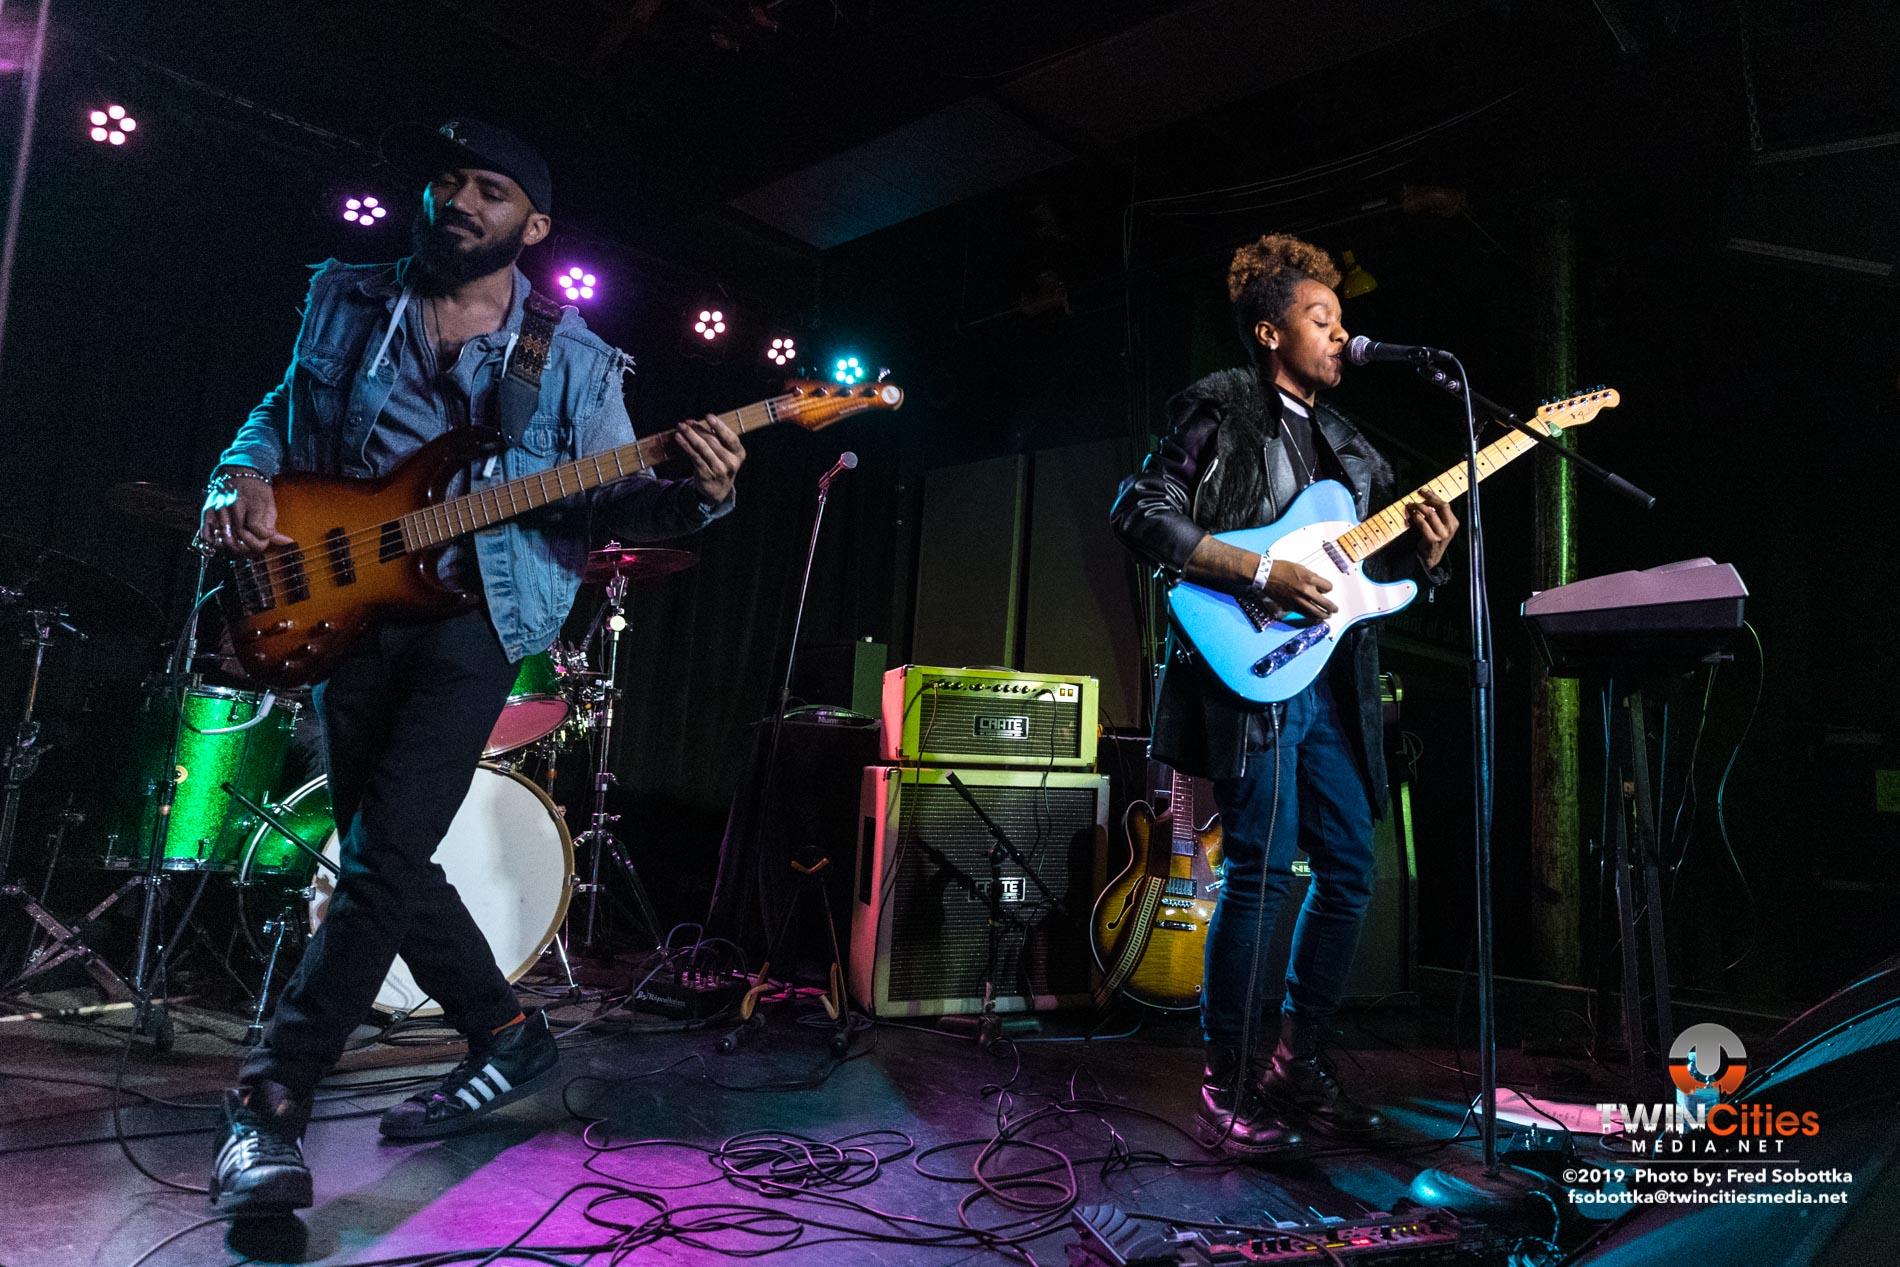 Seaberg & the Velvet Punks 08